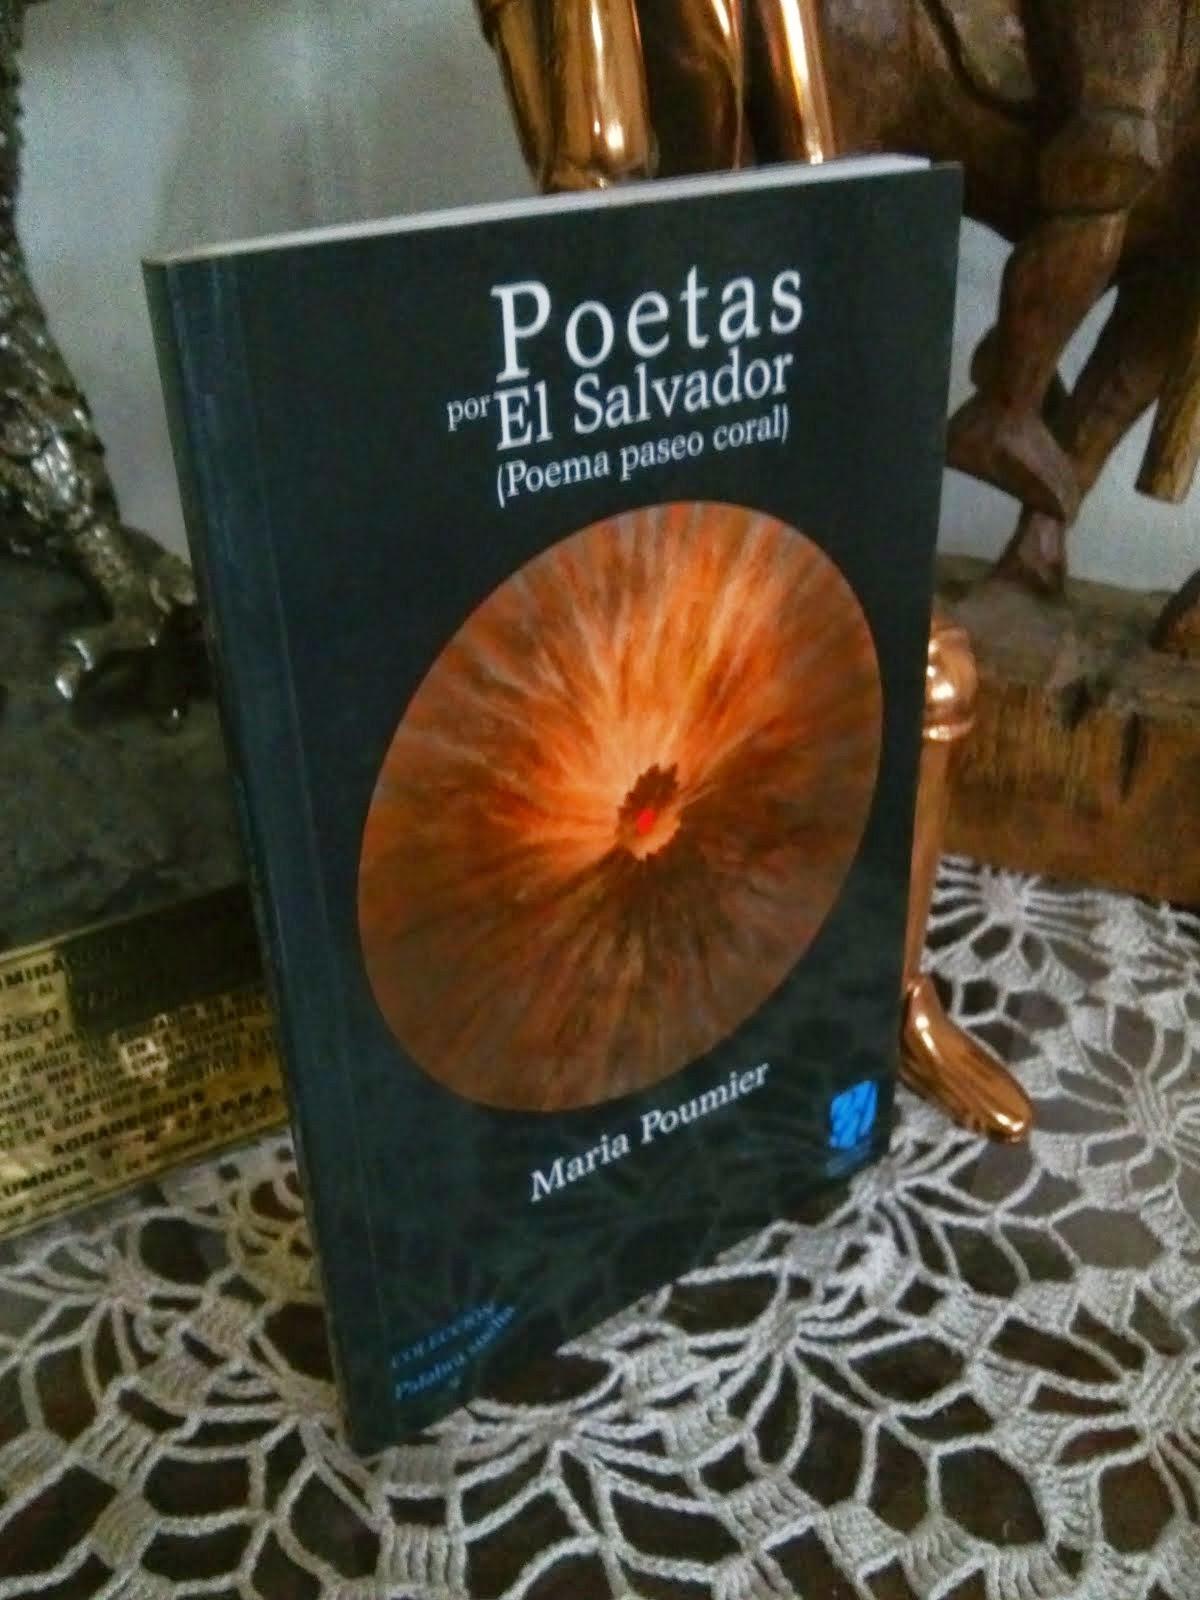 POETAS POR EL SALVADOR DE MARÍA POUMIER